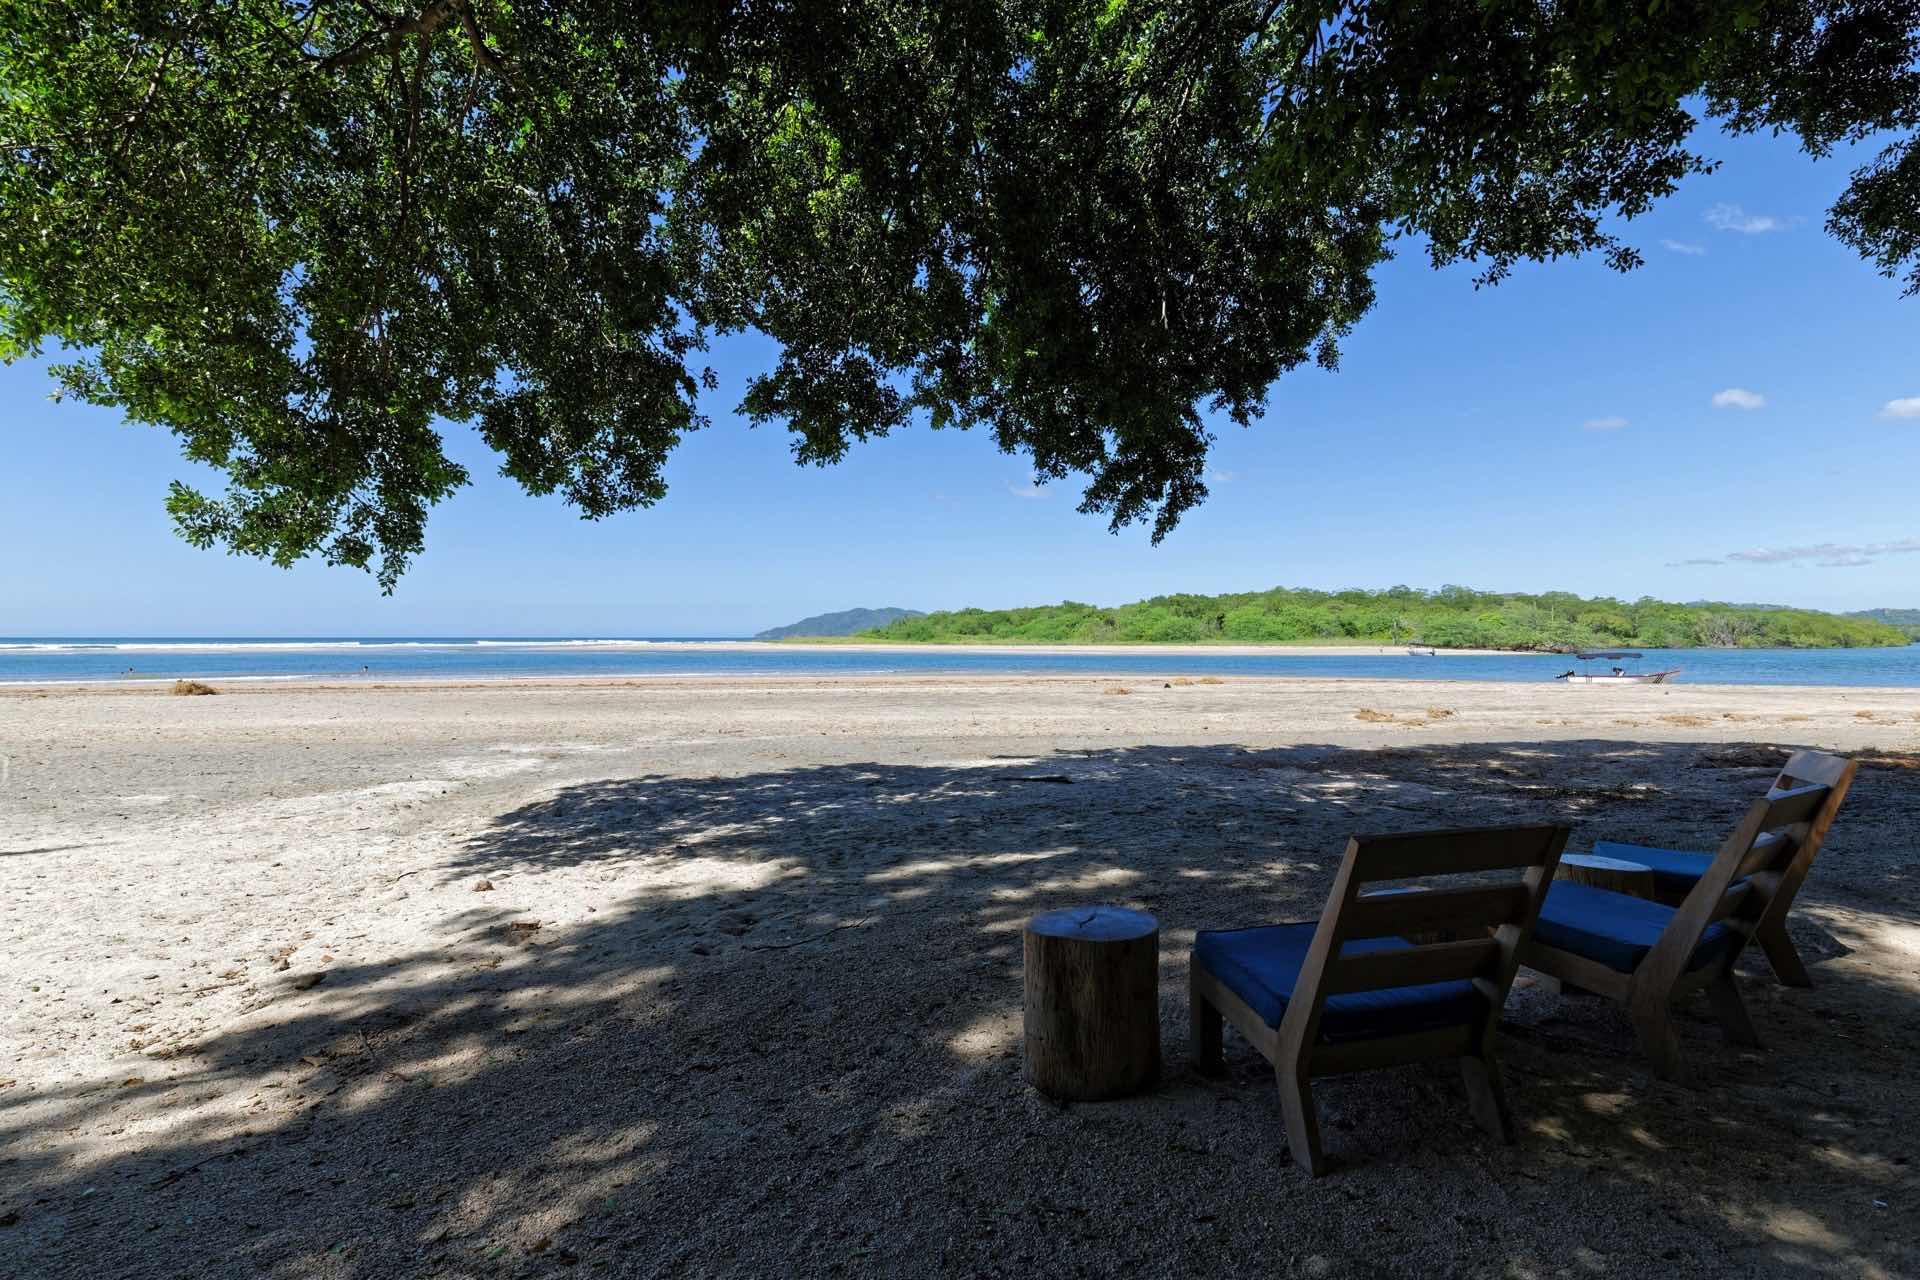 View next to Pangas Beach Club